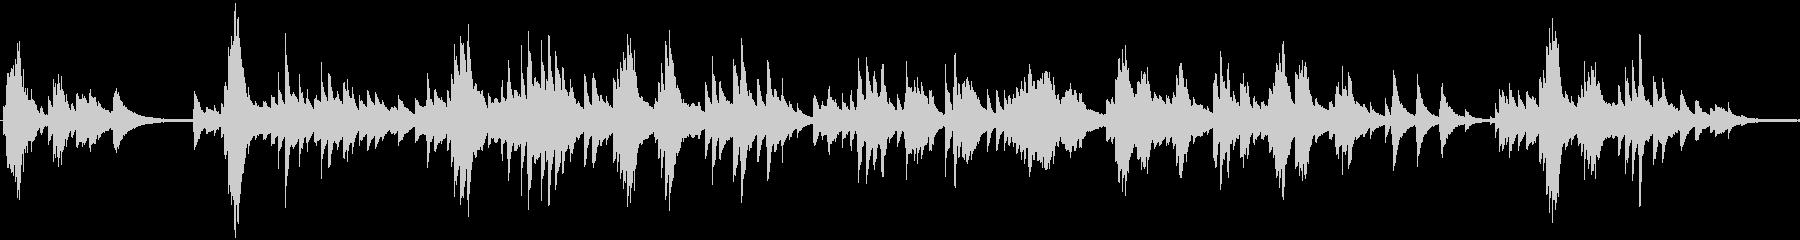 暖かく少し切ないピアノBGMの未再生の波形